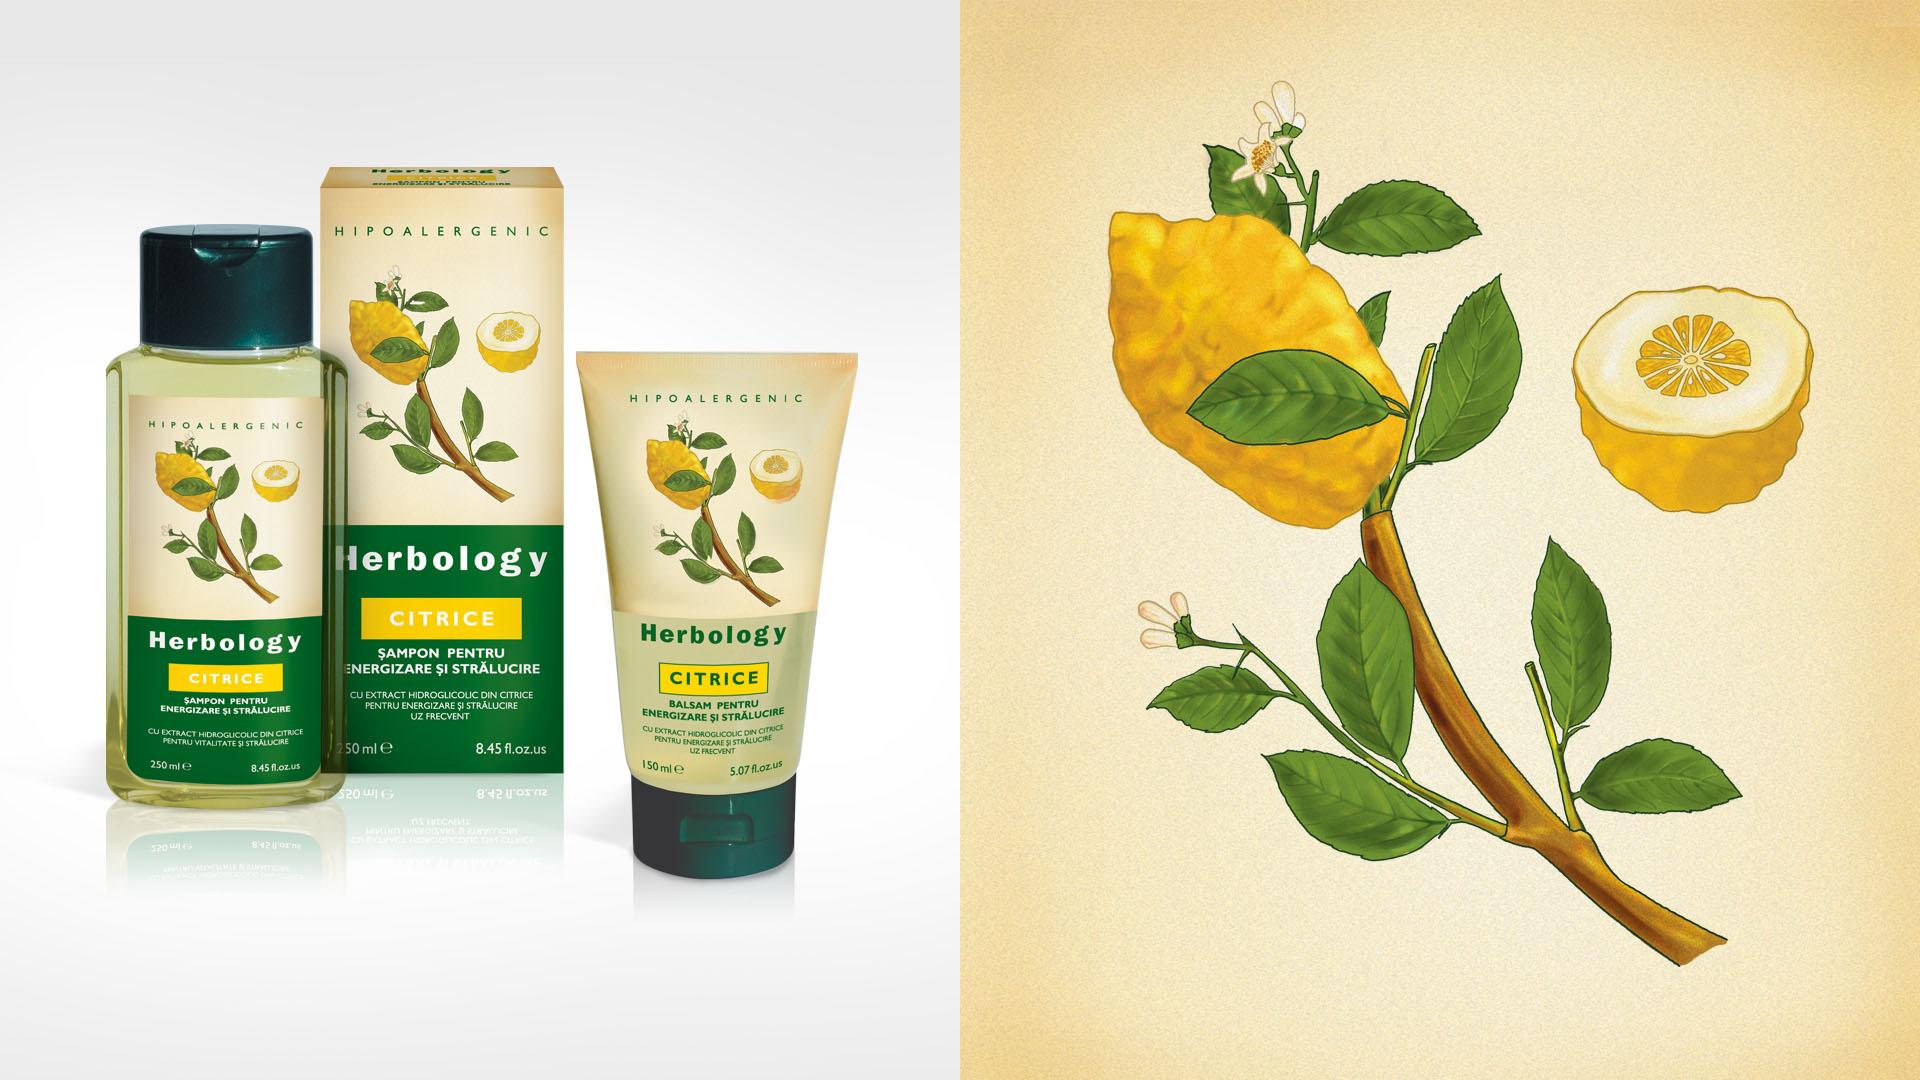 herbology_lemon